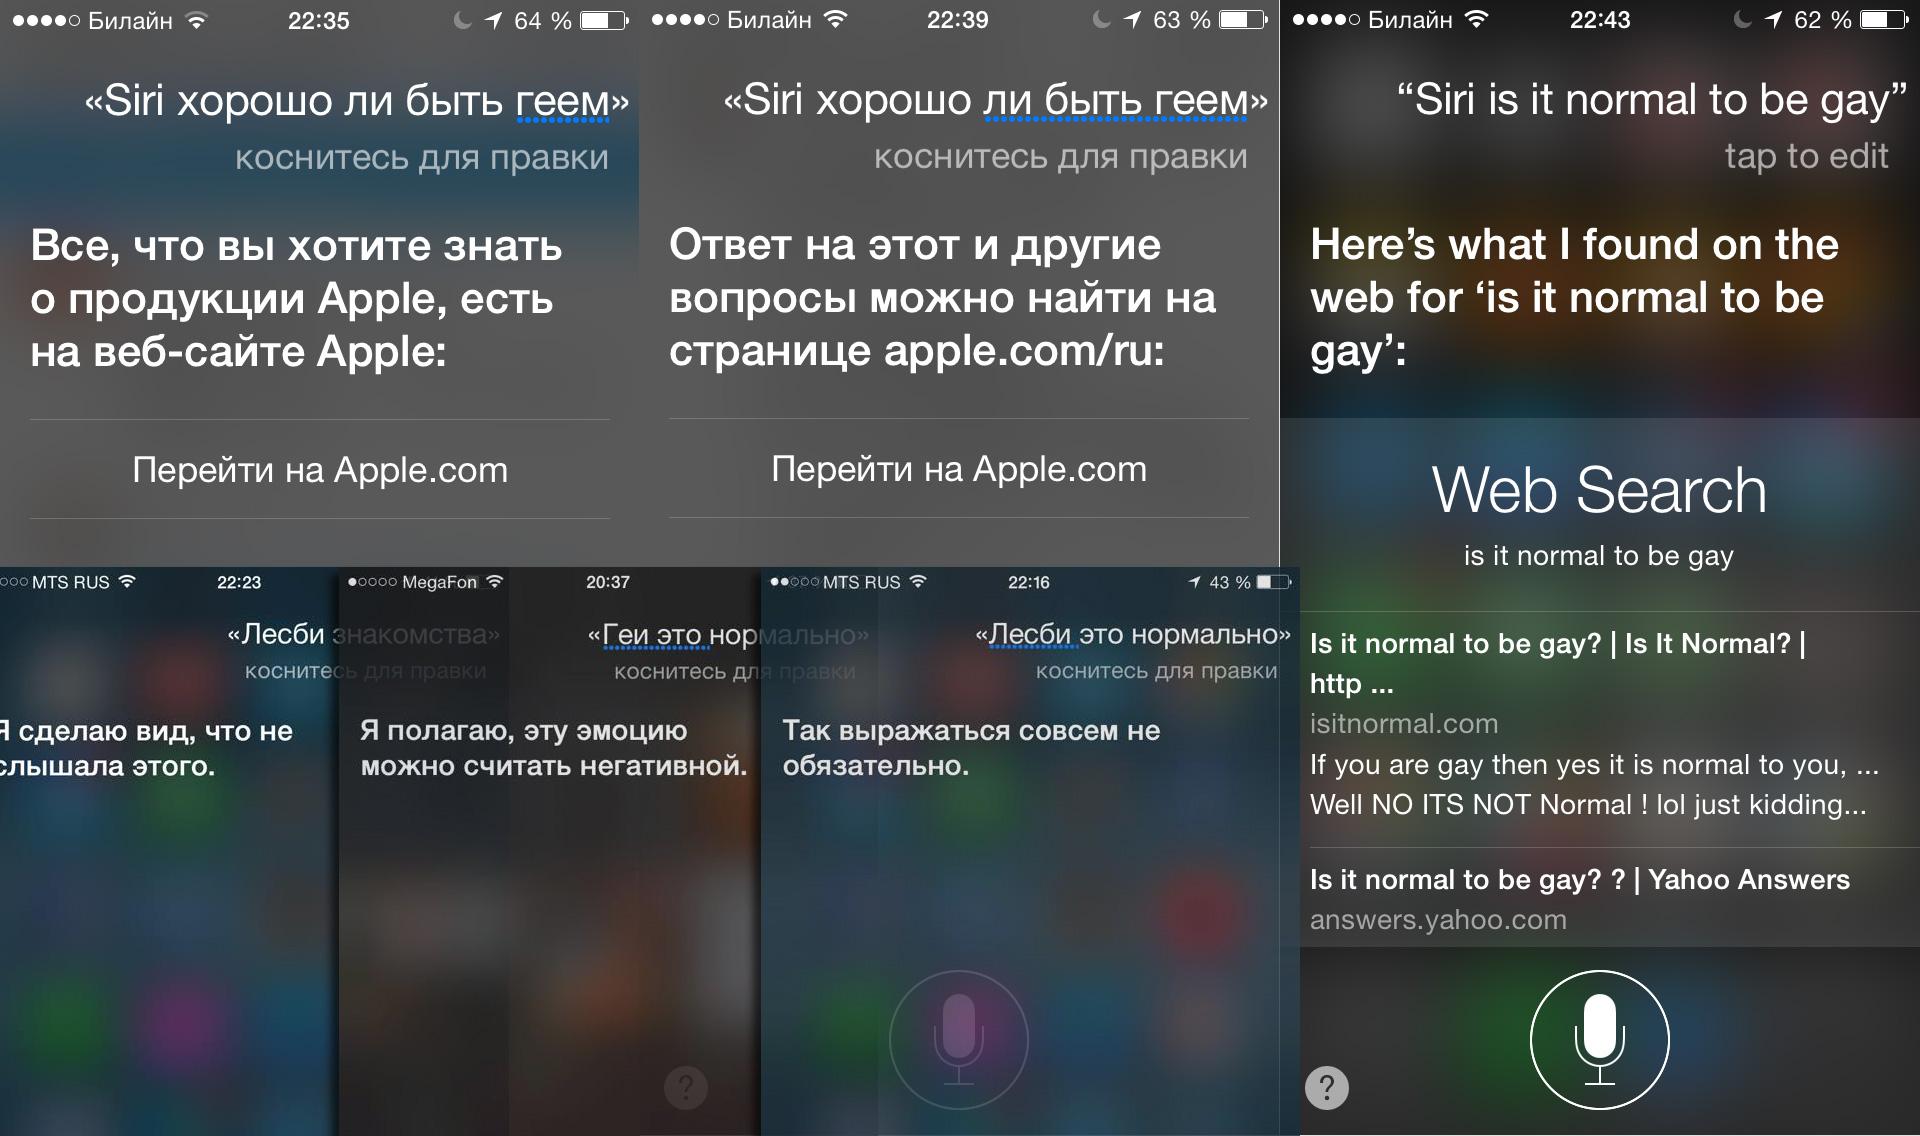 В Apple излечили гомофобию Siri без лишнего шума